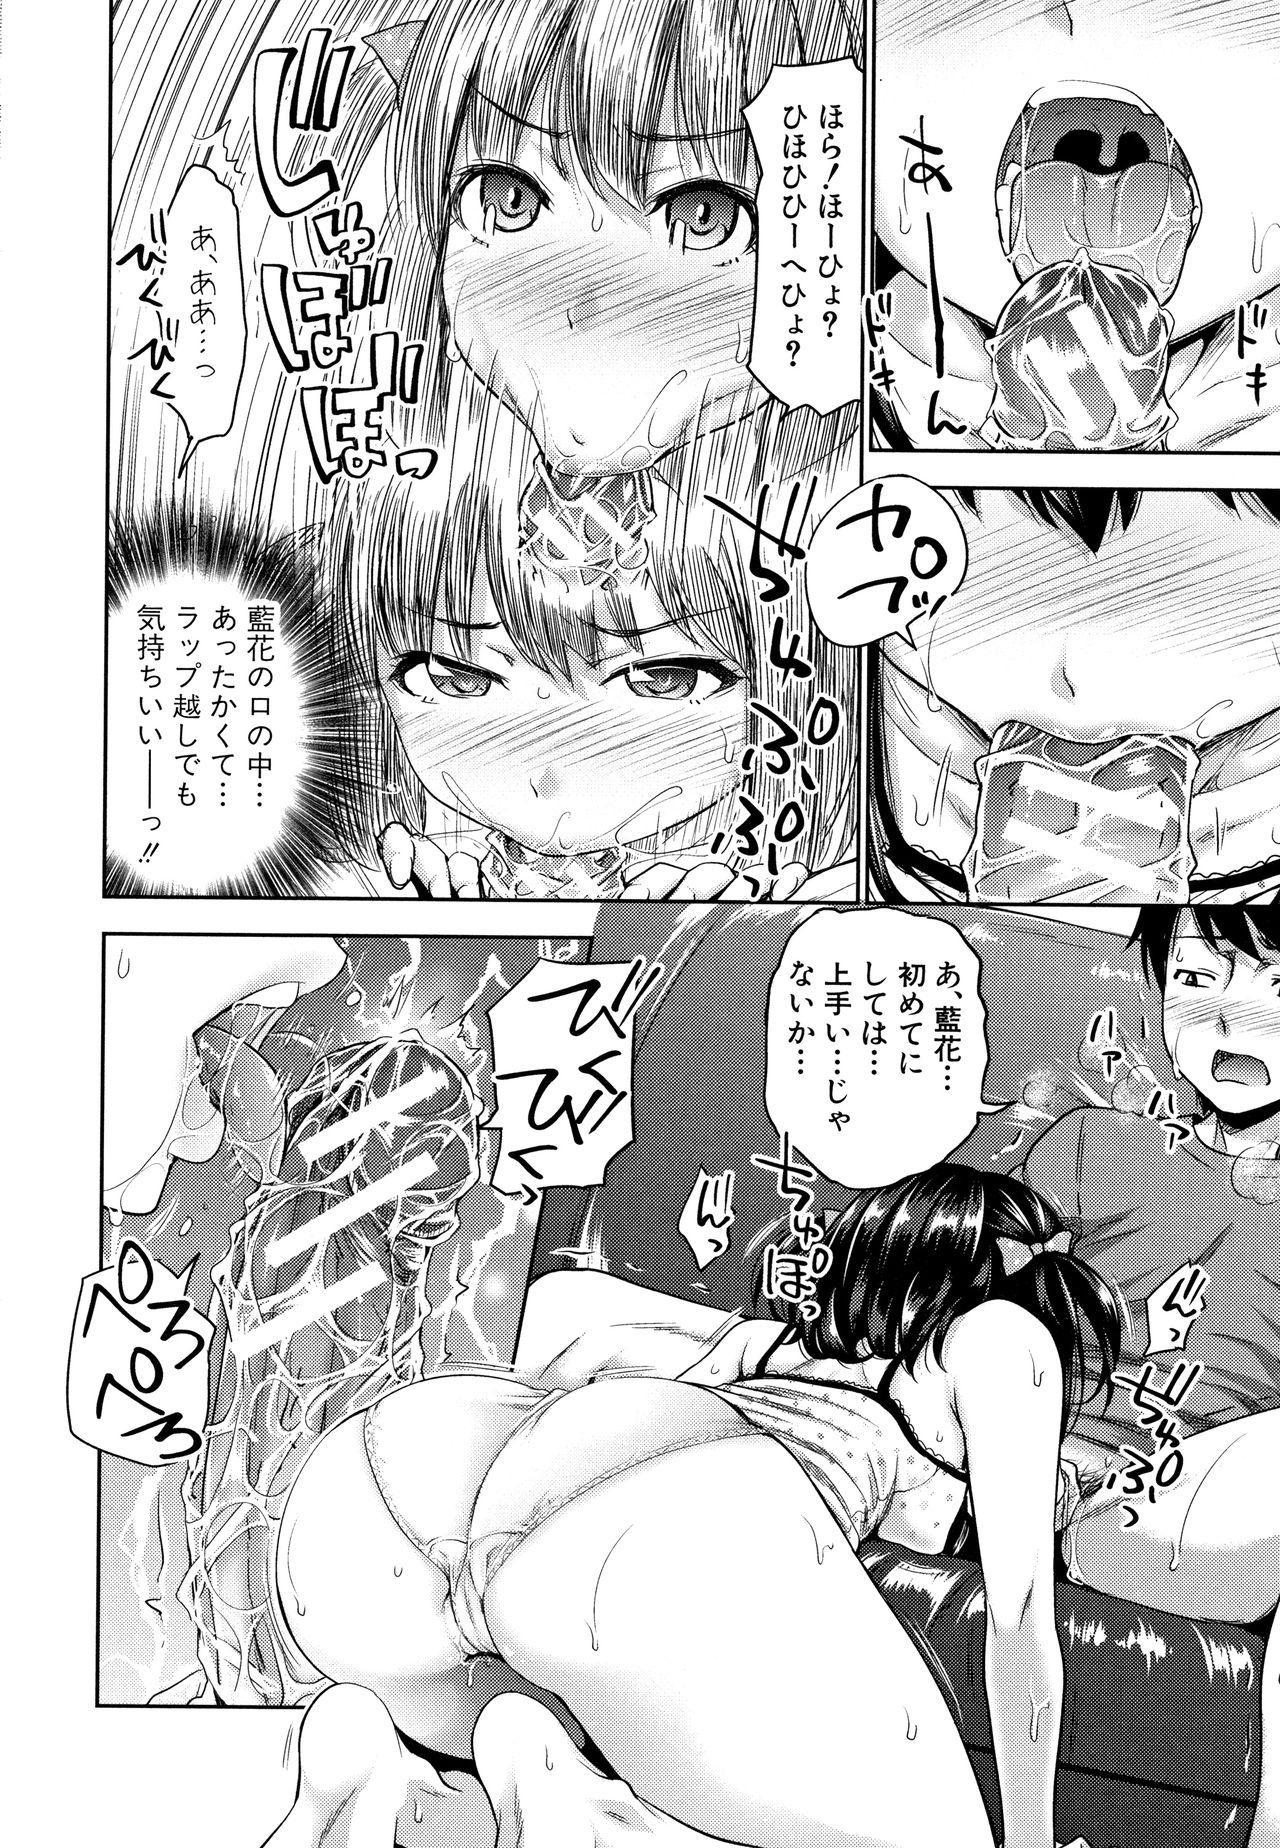 Imouto Bero Chu Sex 13